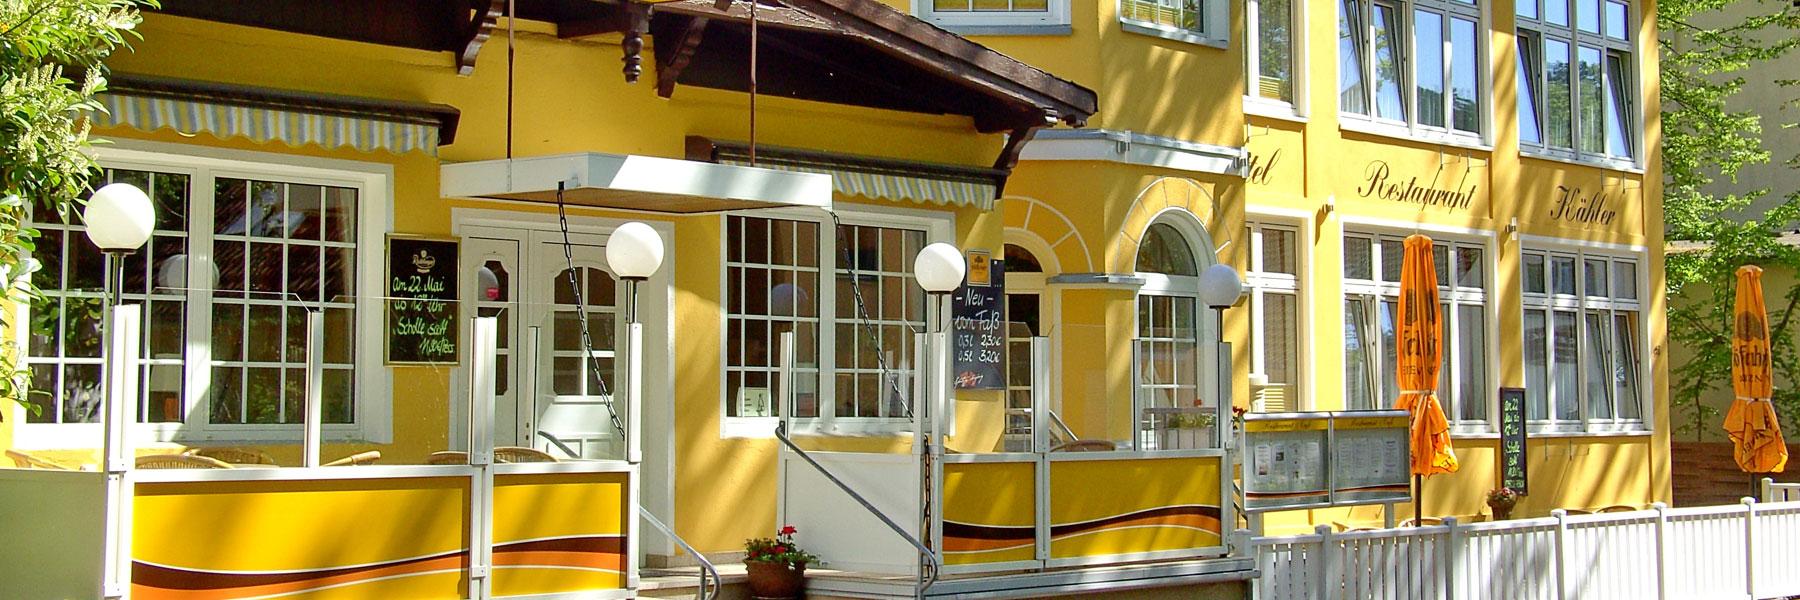 Hoteleingang - Hotel und Restaurant Kähler